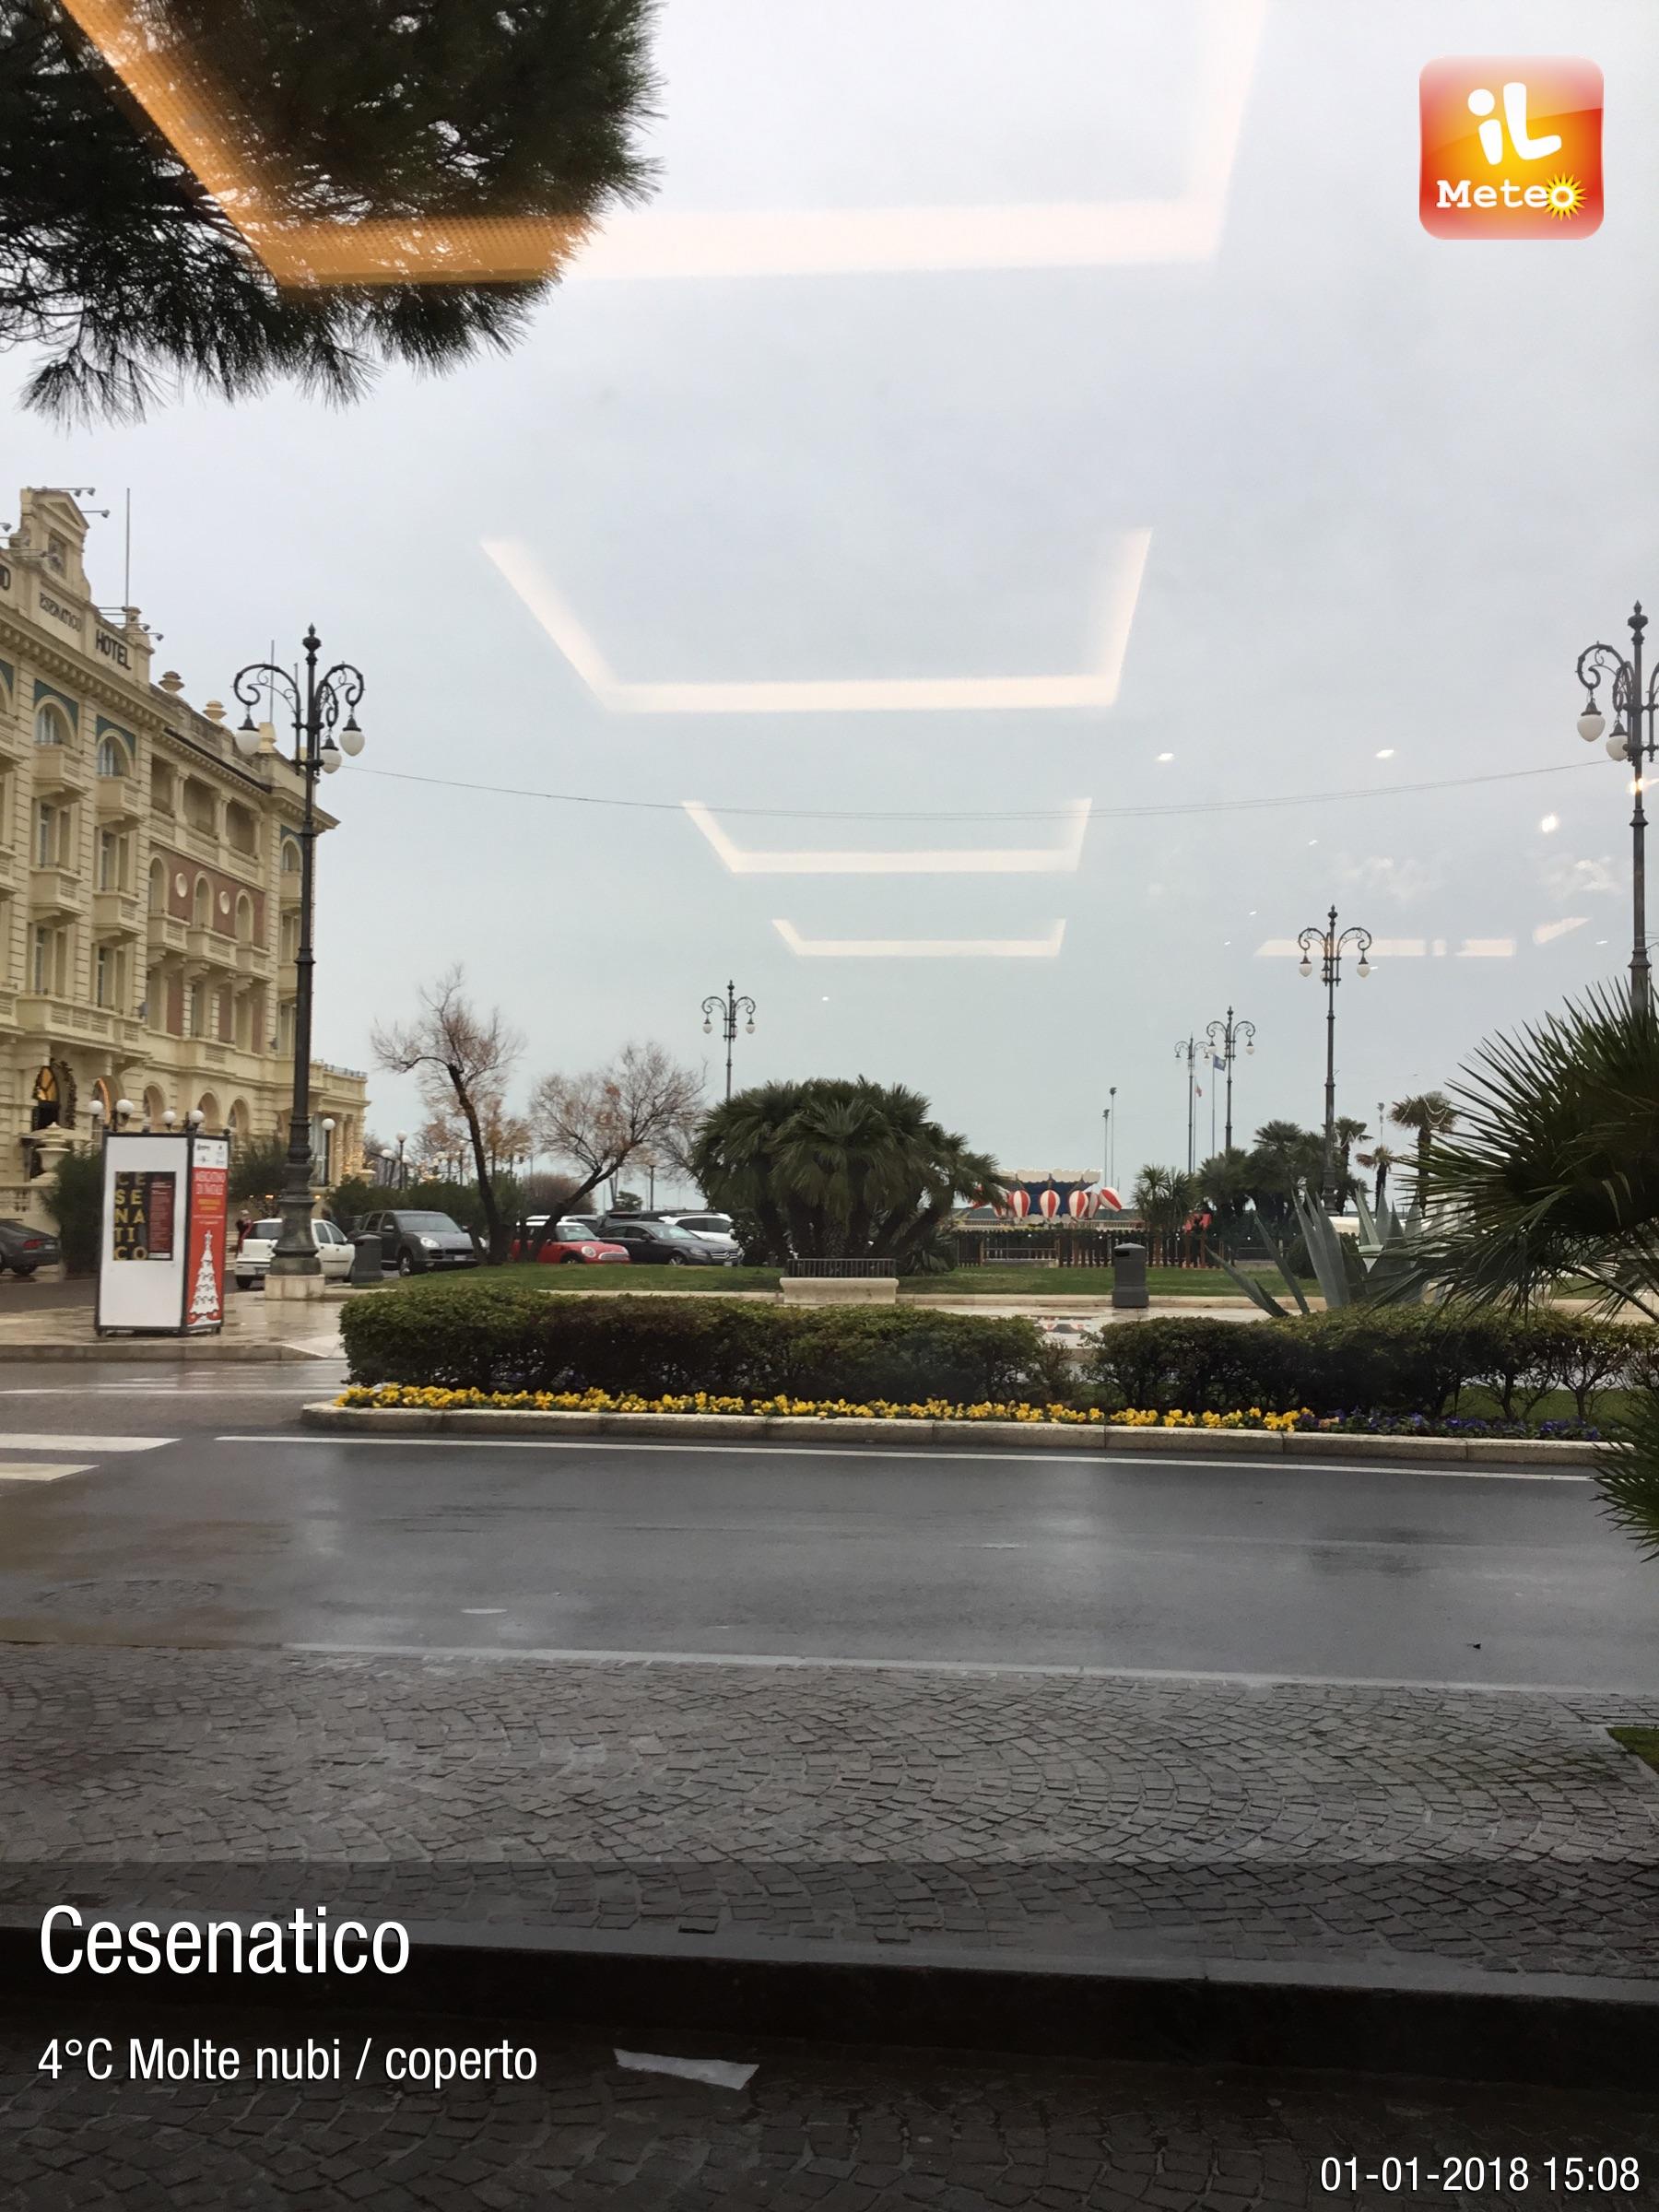 Foto meteo - Cesenatico - Cesenatico ore 15:08 » ILMETEO.it